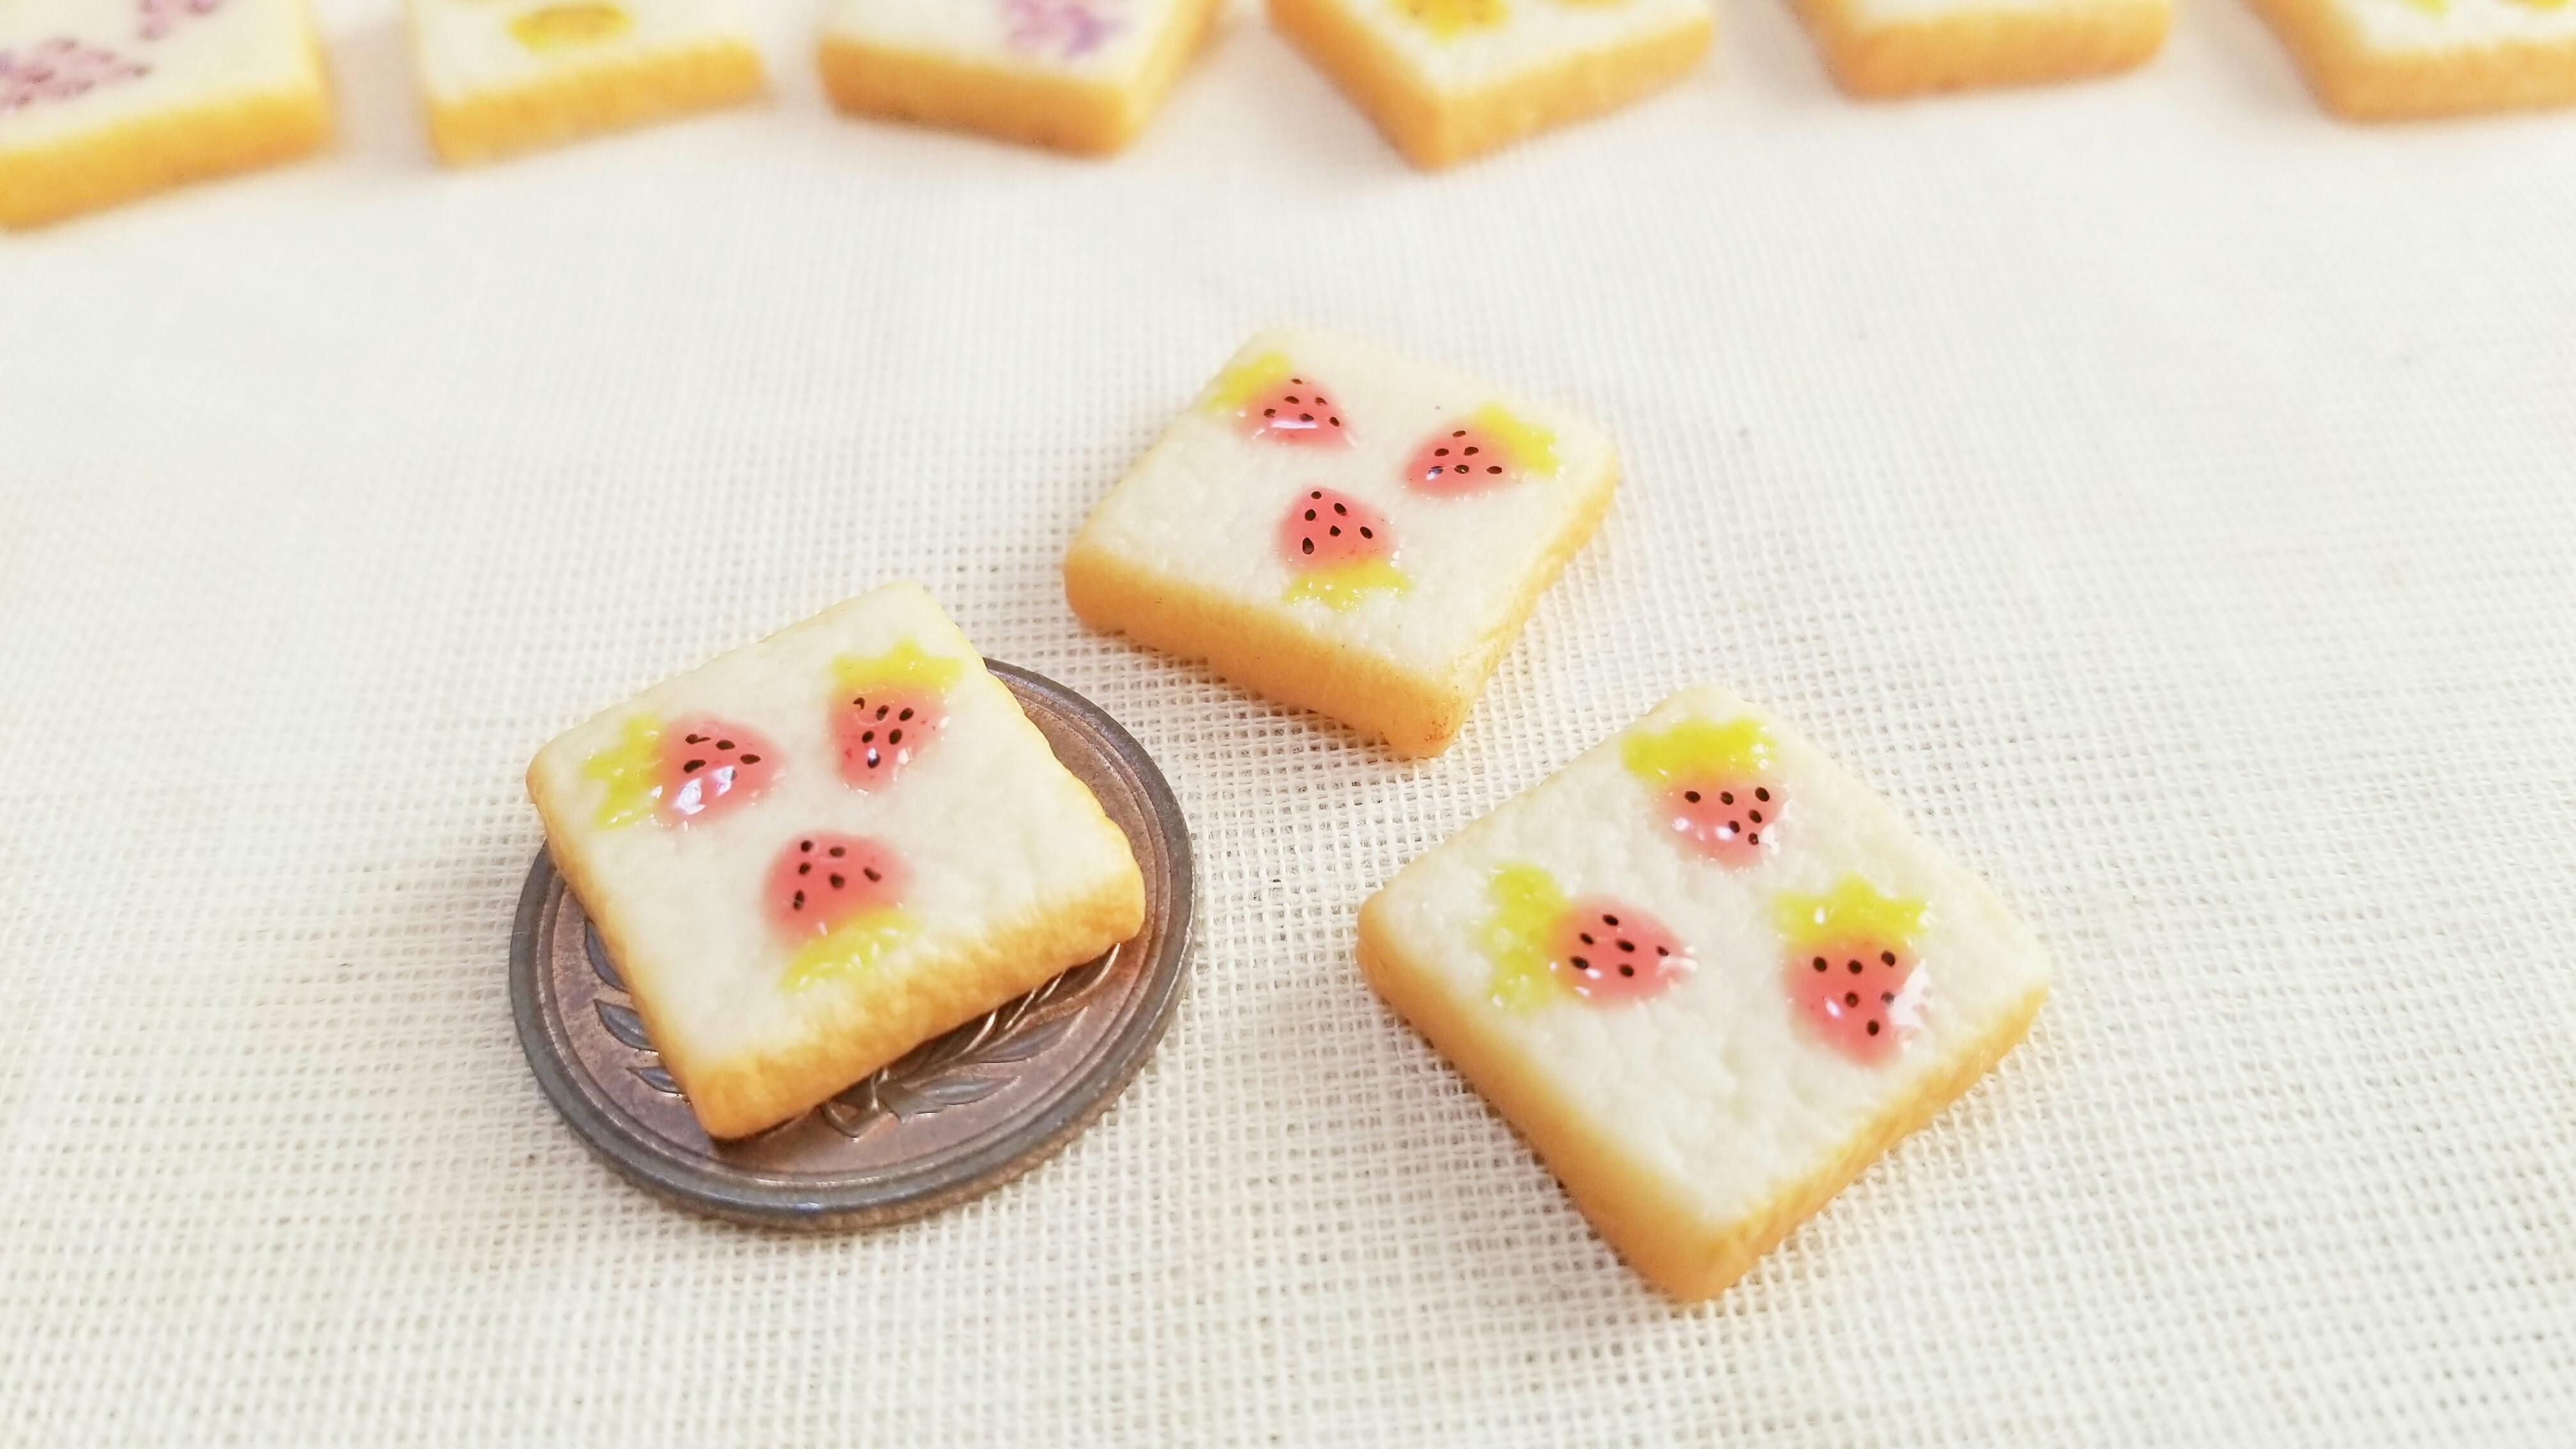 ミニチュア作家かわいい柄トーストアートミンネ販売中人気食パン小物